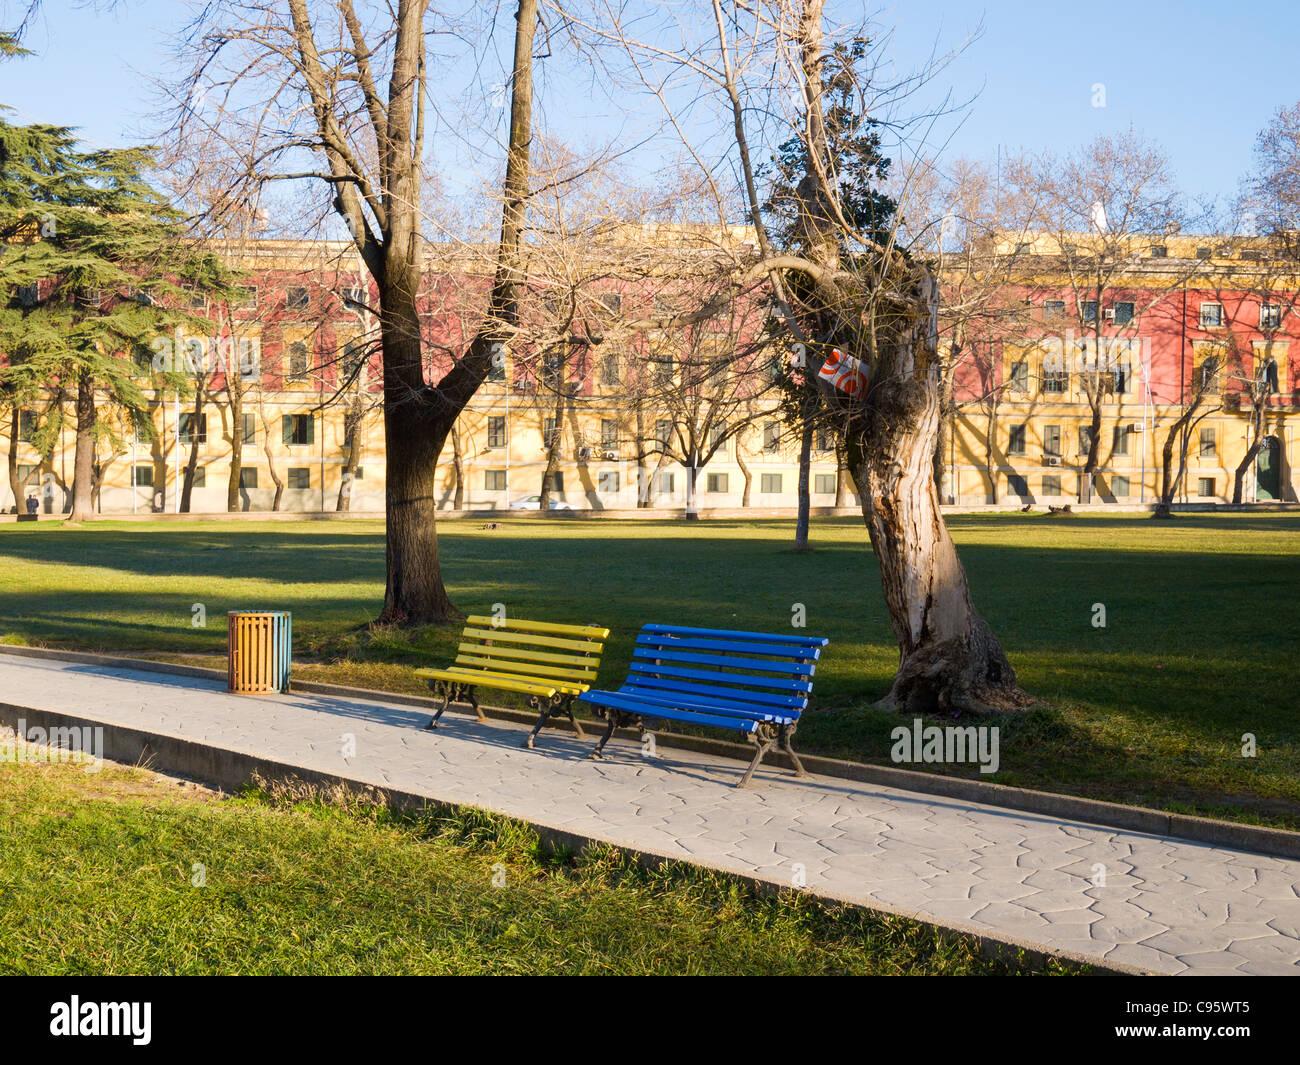 Multi-coloured benches and rubbish bin in Parku Rinia, Tirana, Albania. - Stock Image